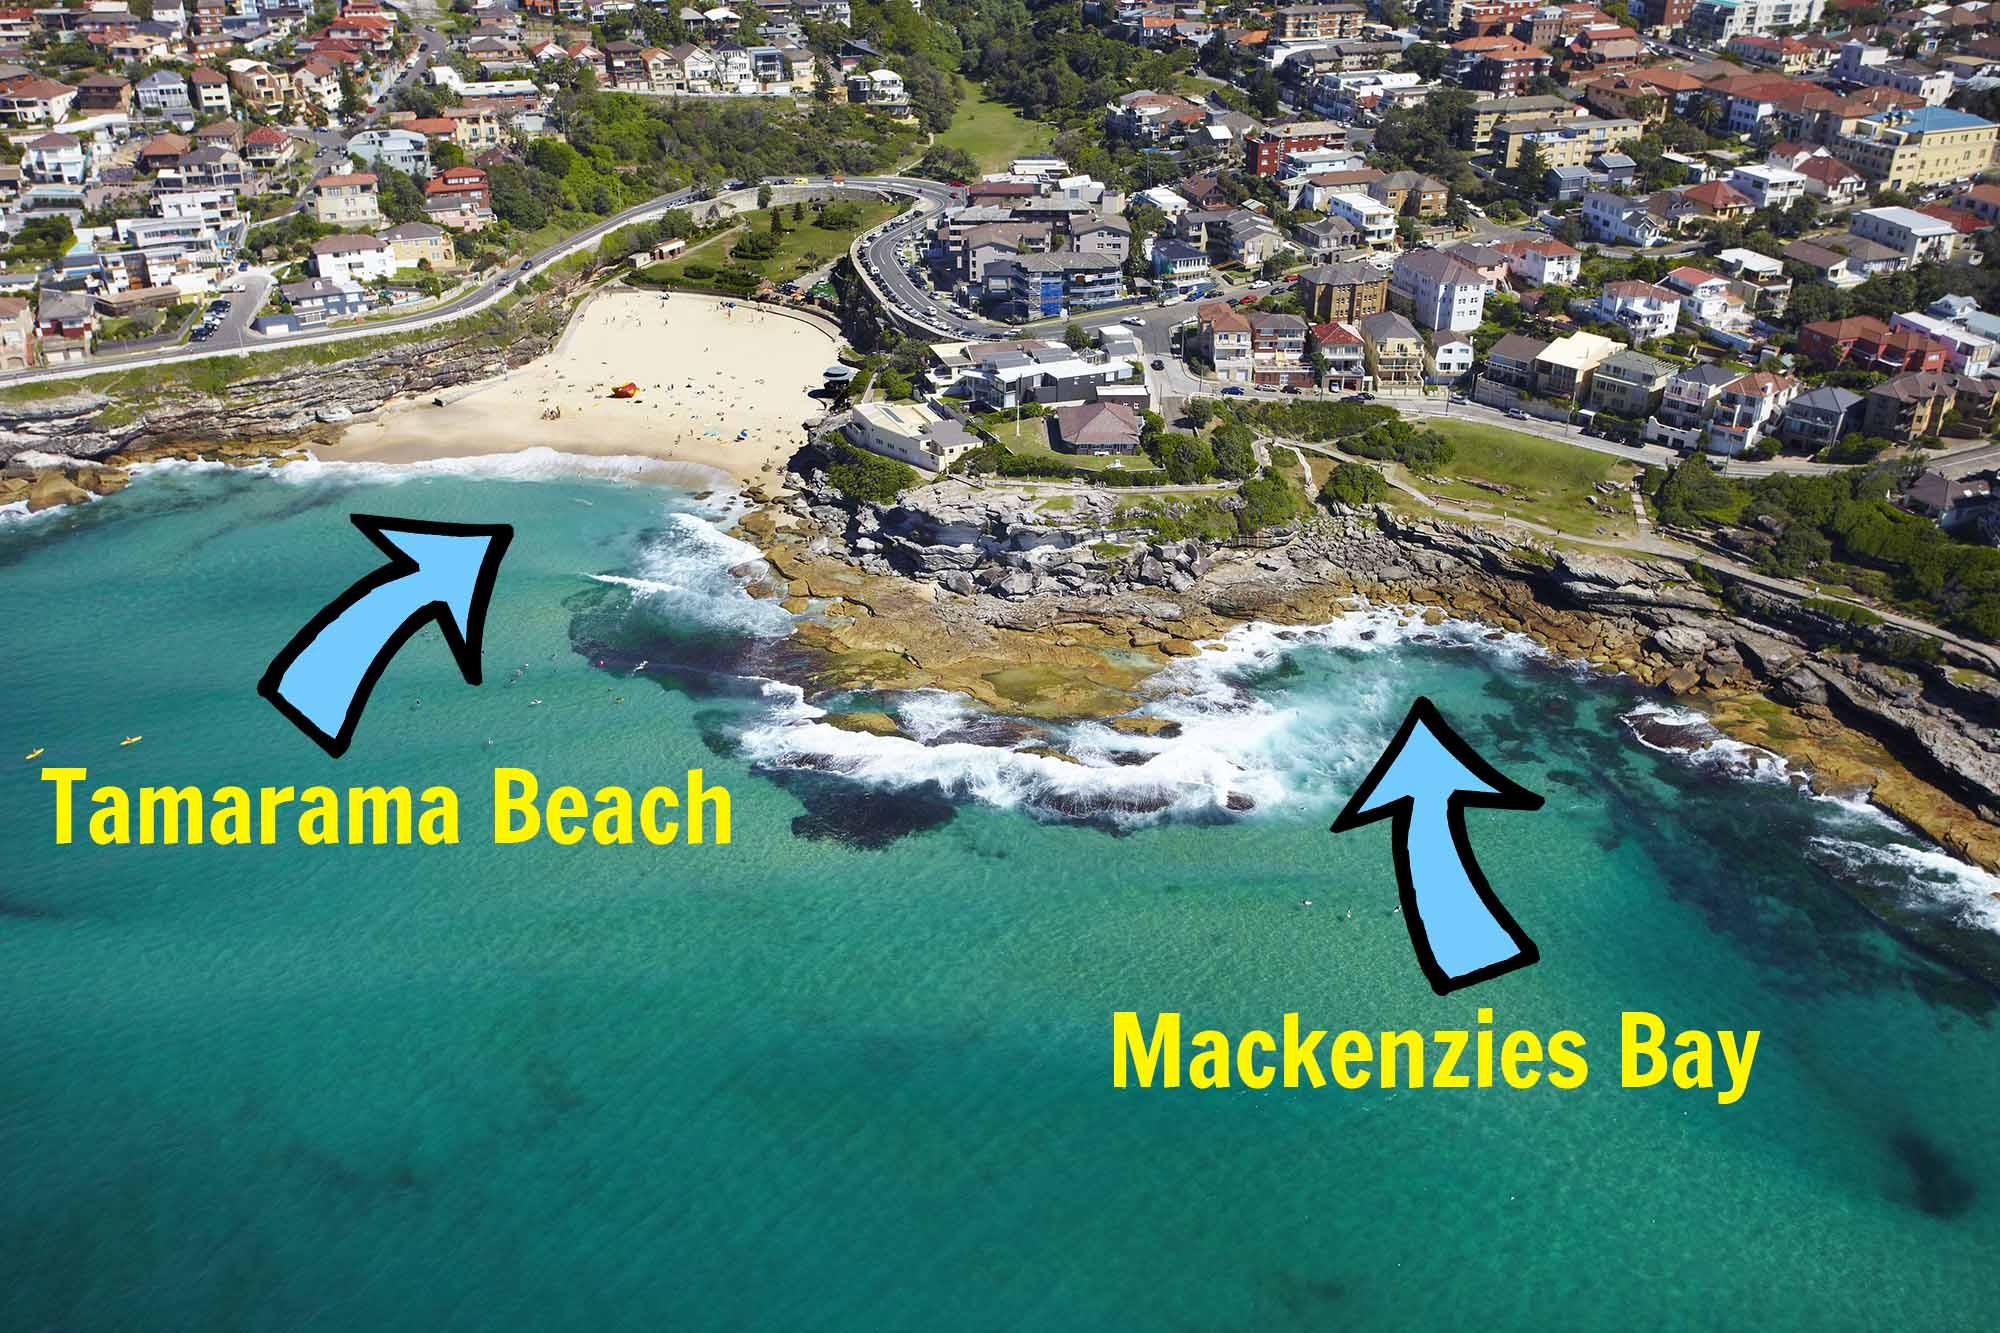 mackenzies-bay-bondi-sydney-secret-beach